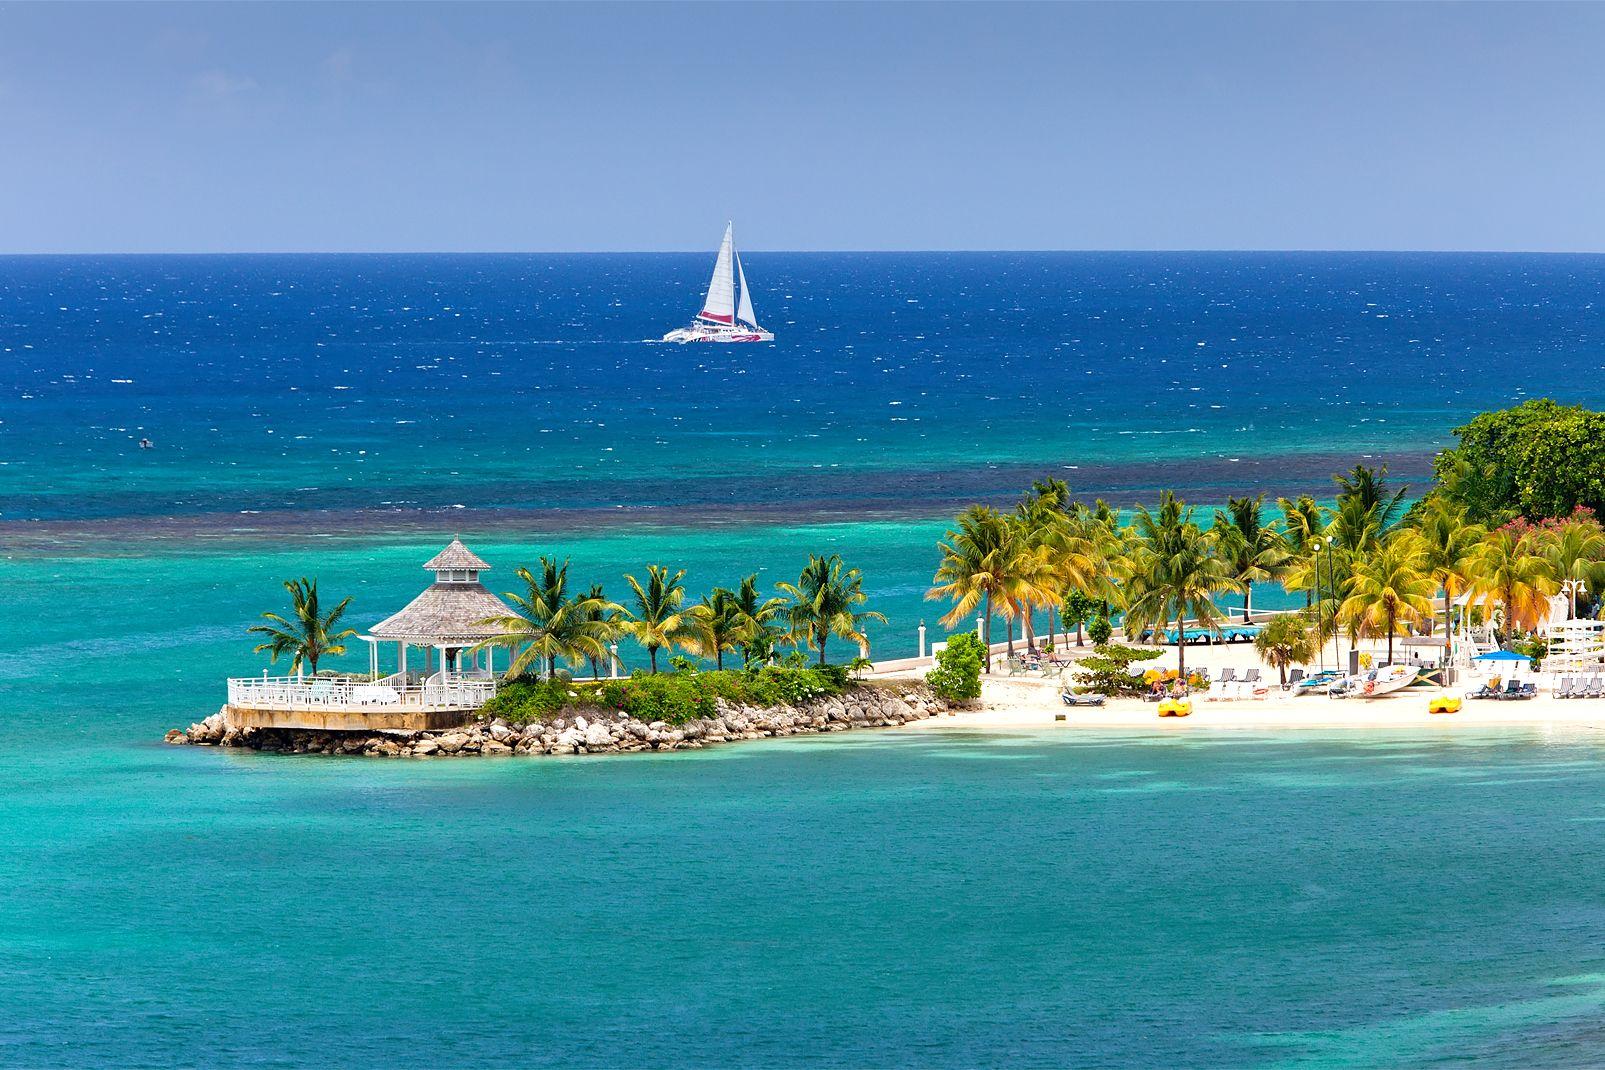 Location de voiliers en Jamaïque